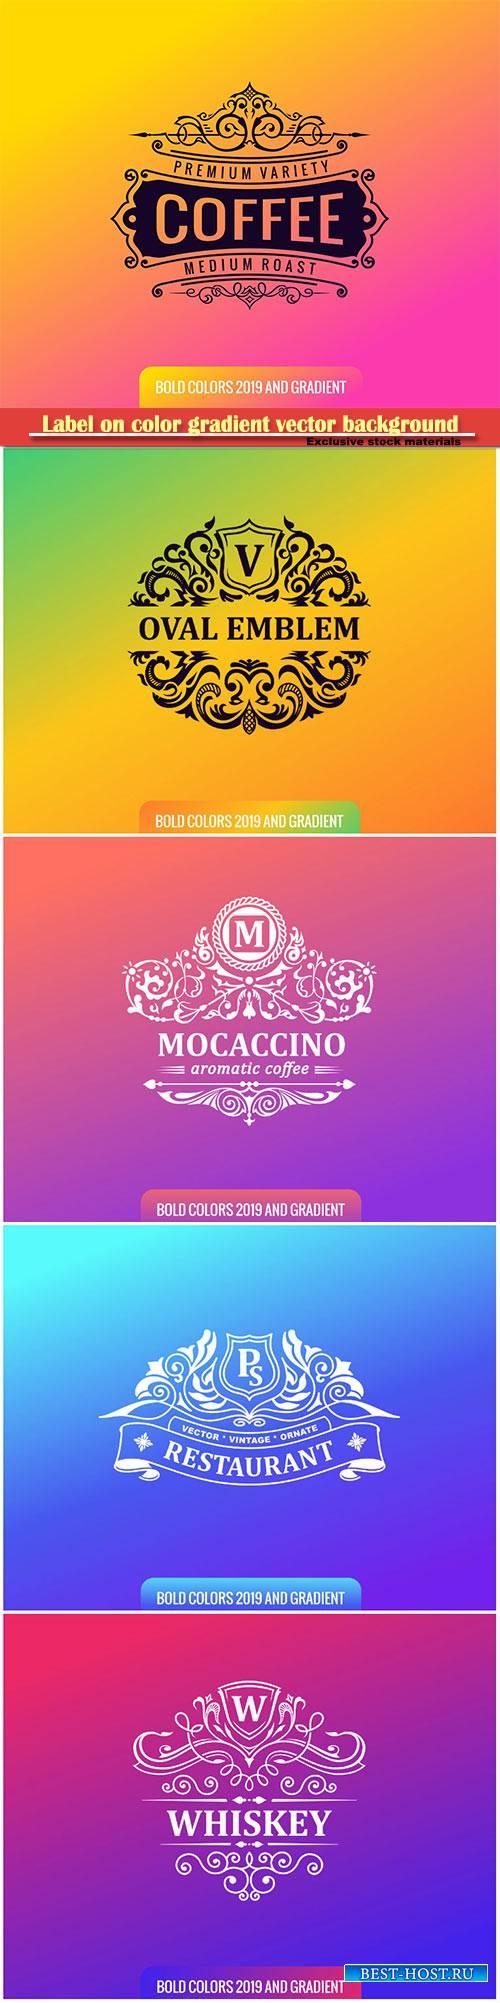 Label on color gradient vector background, vintage logo, badge